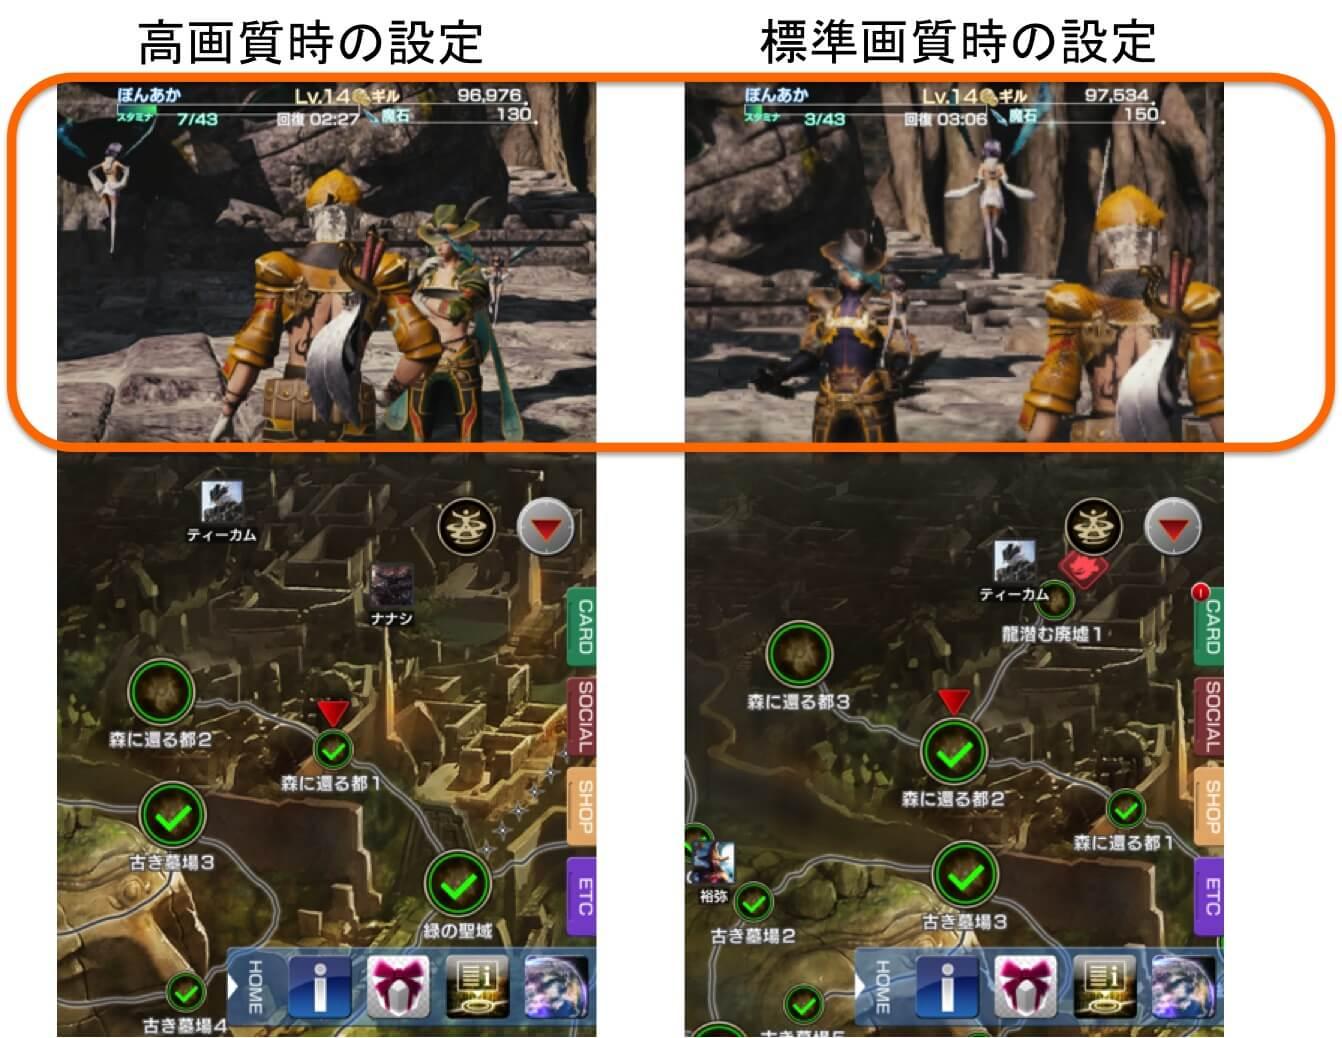 オレンジ枠で囲った箇所に明らかな画質(解像度)の差異が出ている